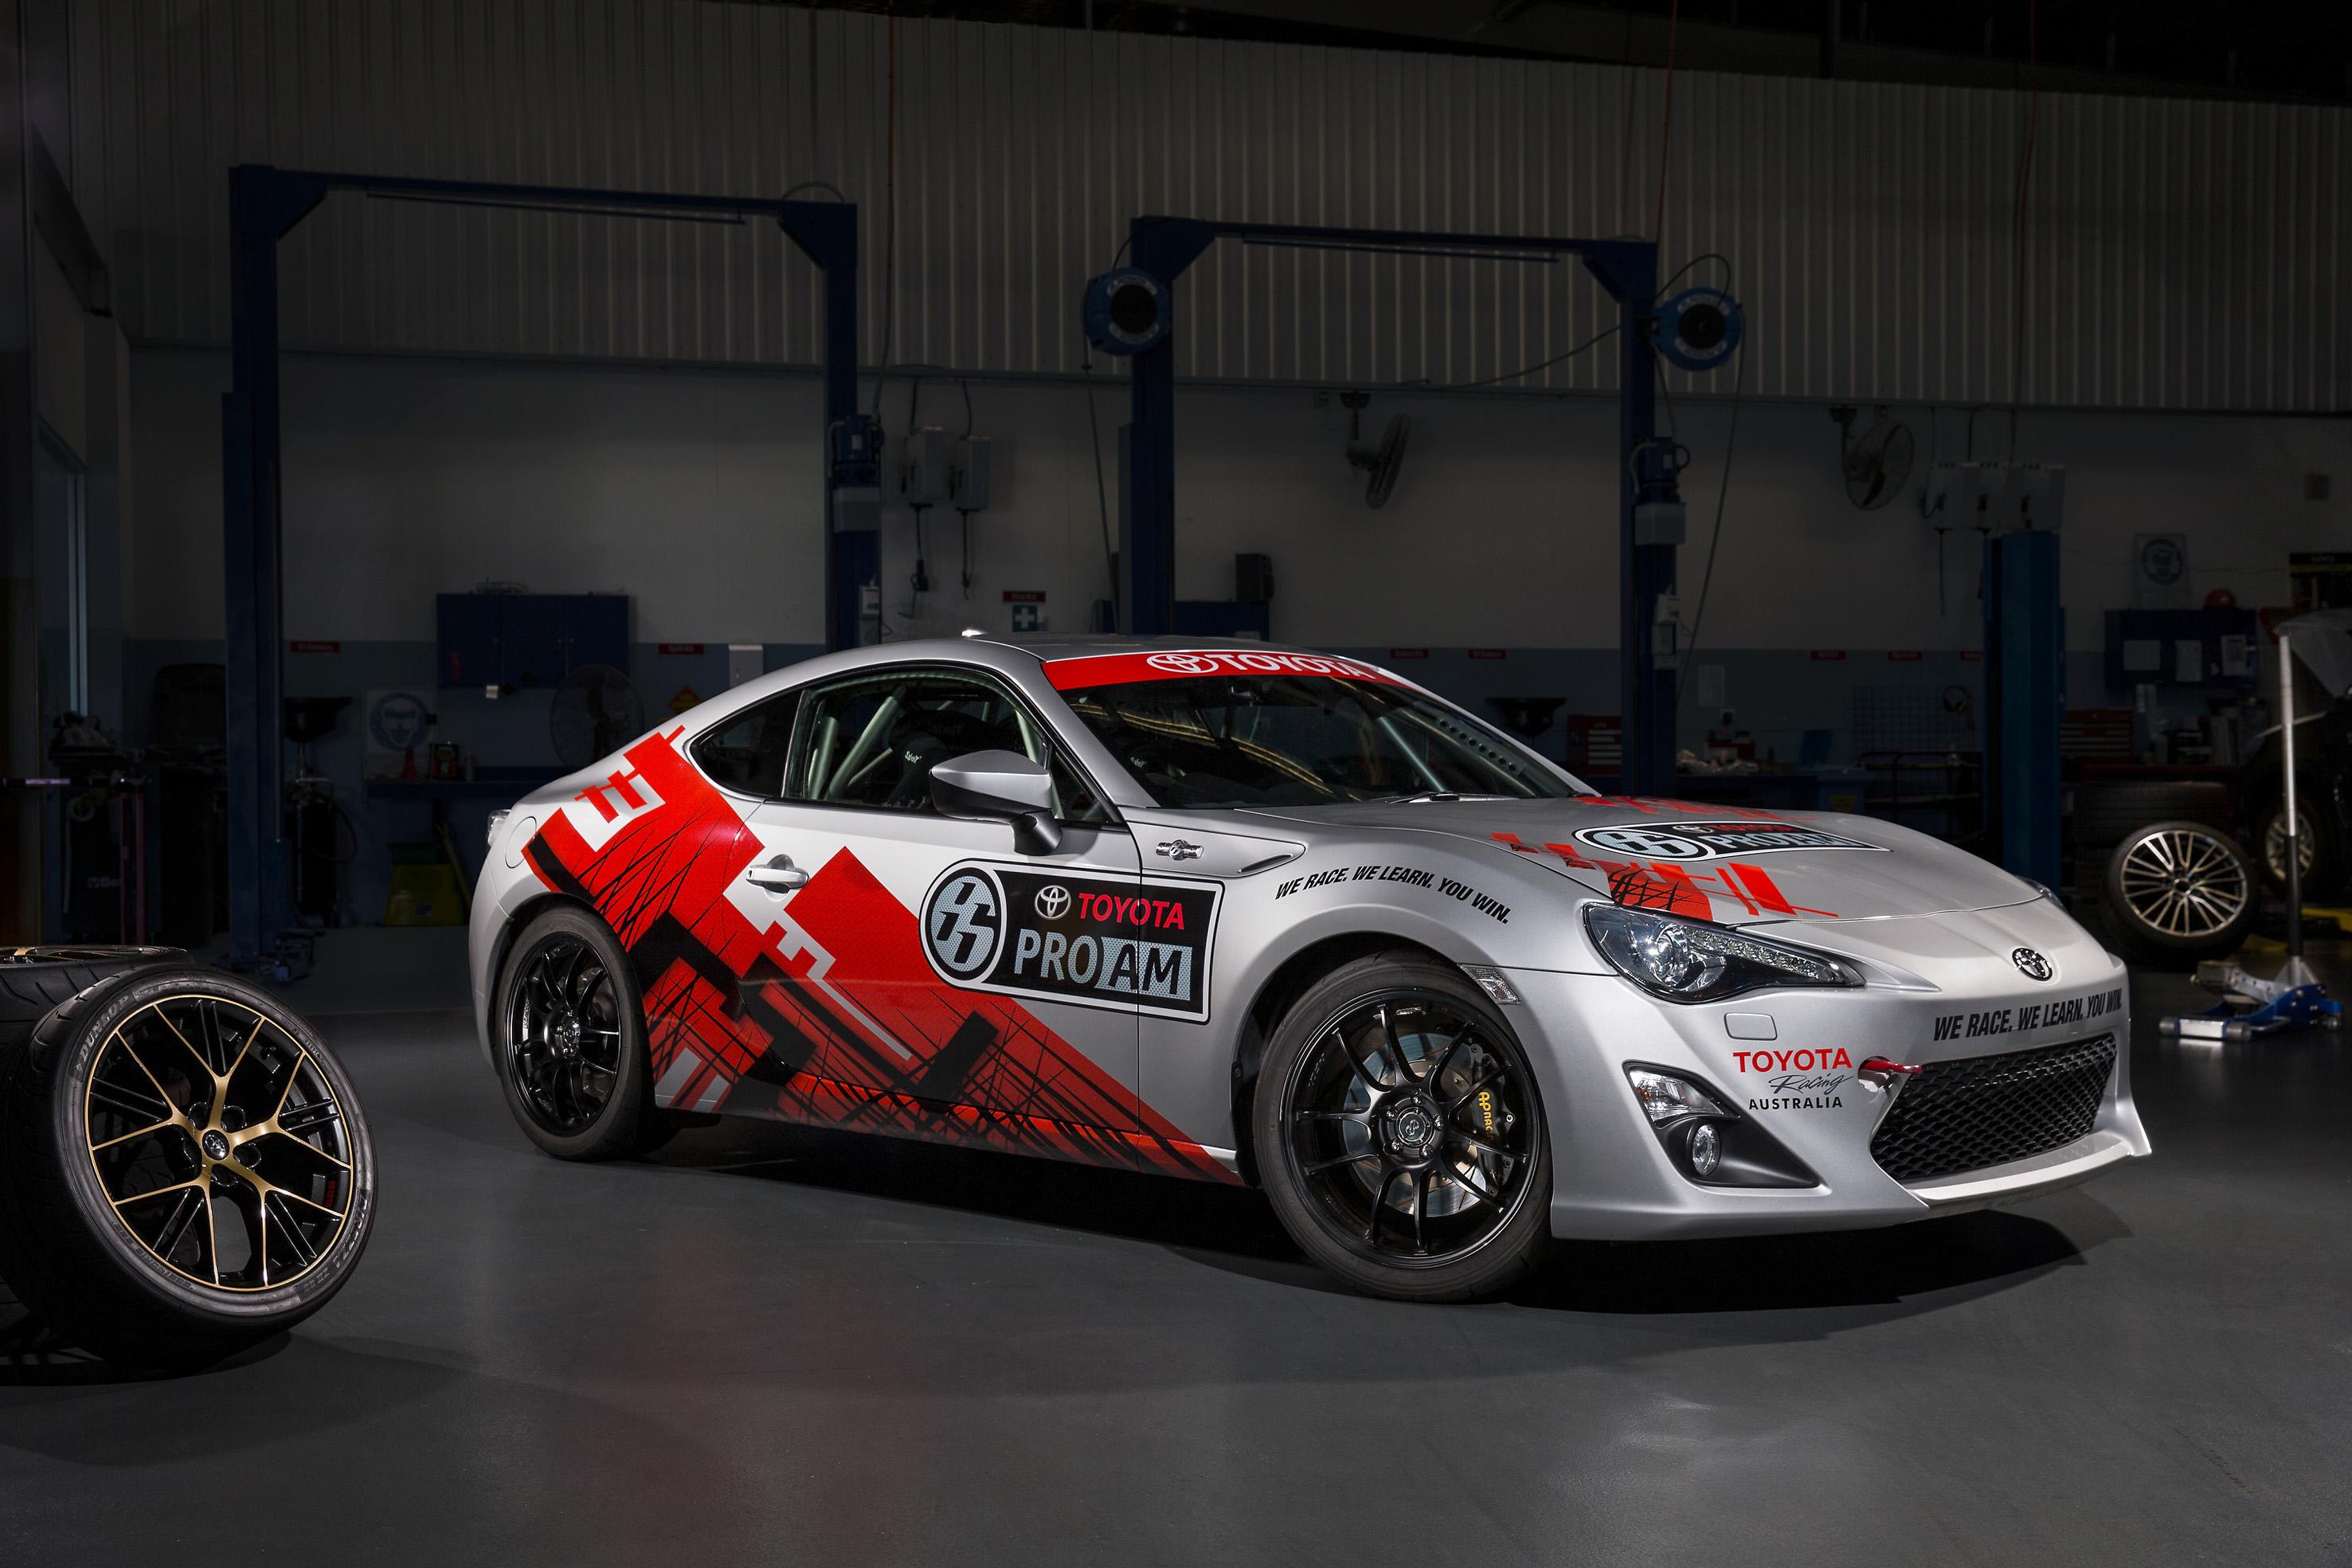 News Toyota Joins V8 Supercars